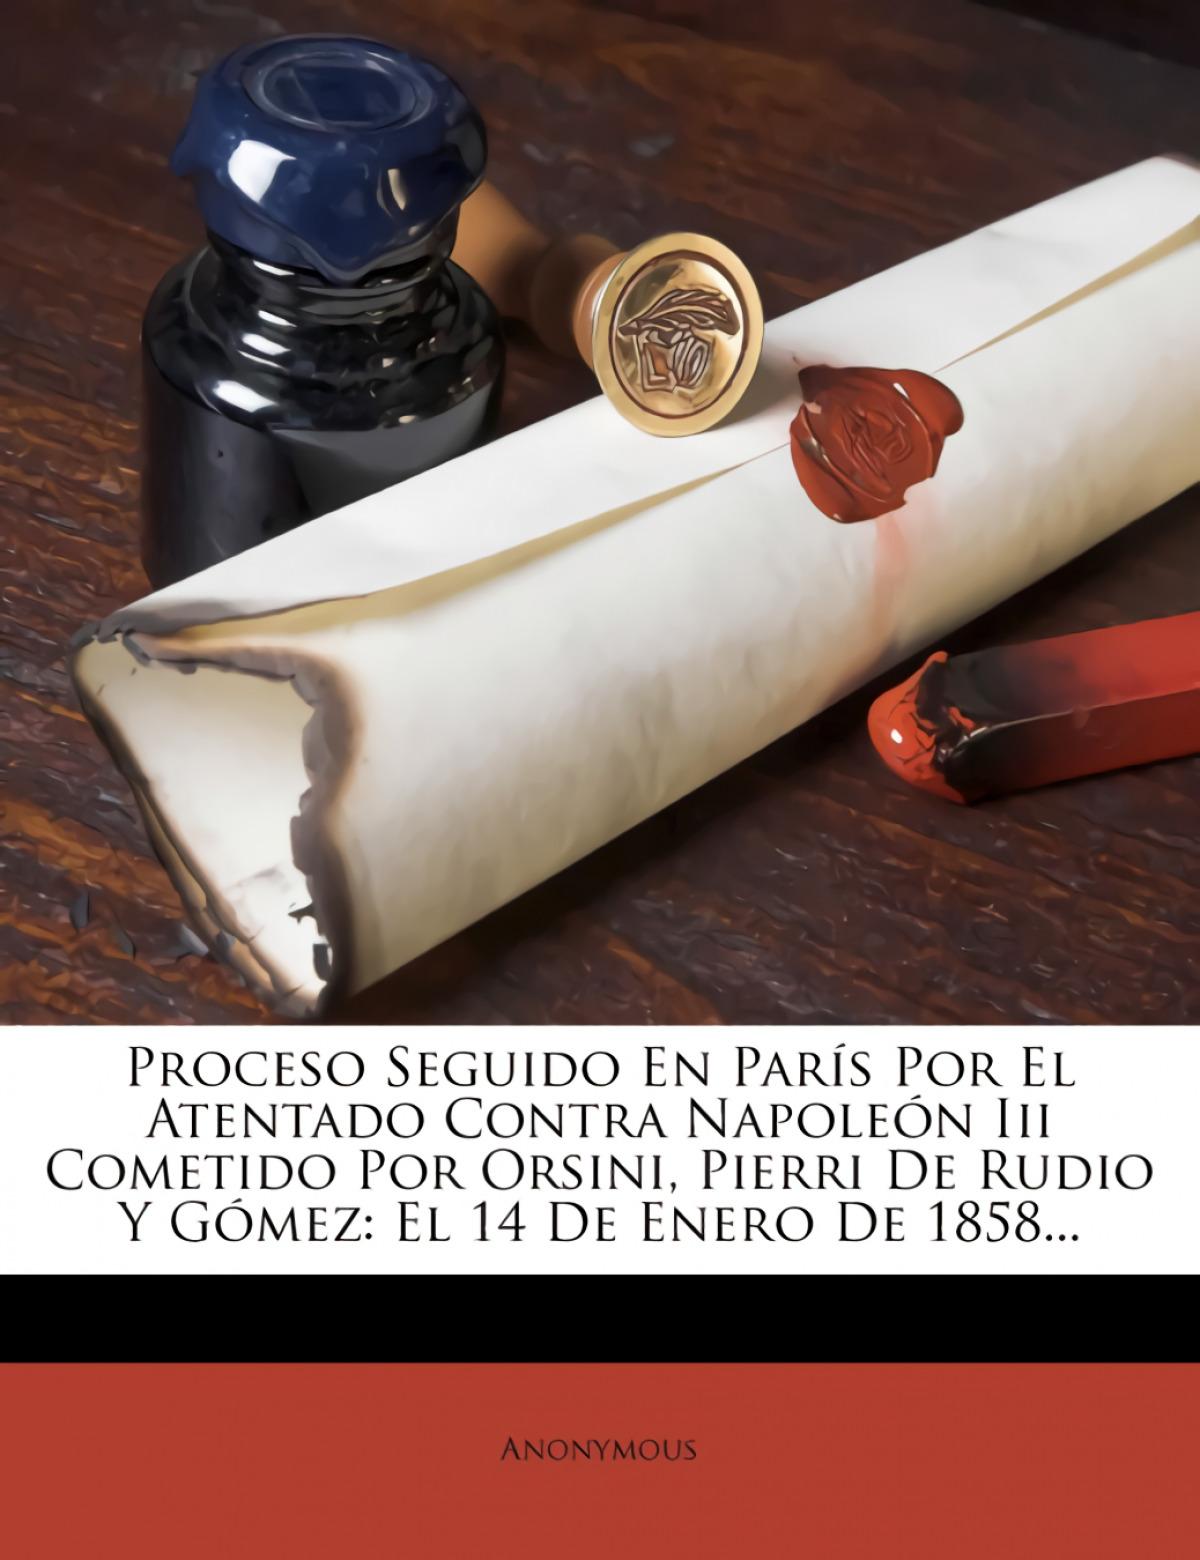 Proceso Seguido En París Por El Atentado Contra Napoleón Iii Cometido Por Orsini, Pierri De Rudio Y Gómez